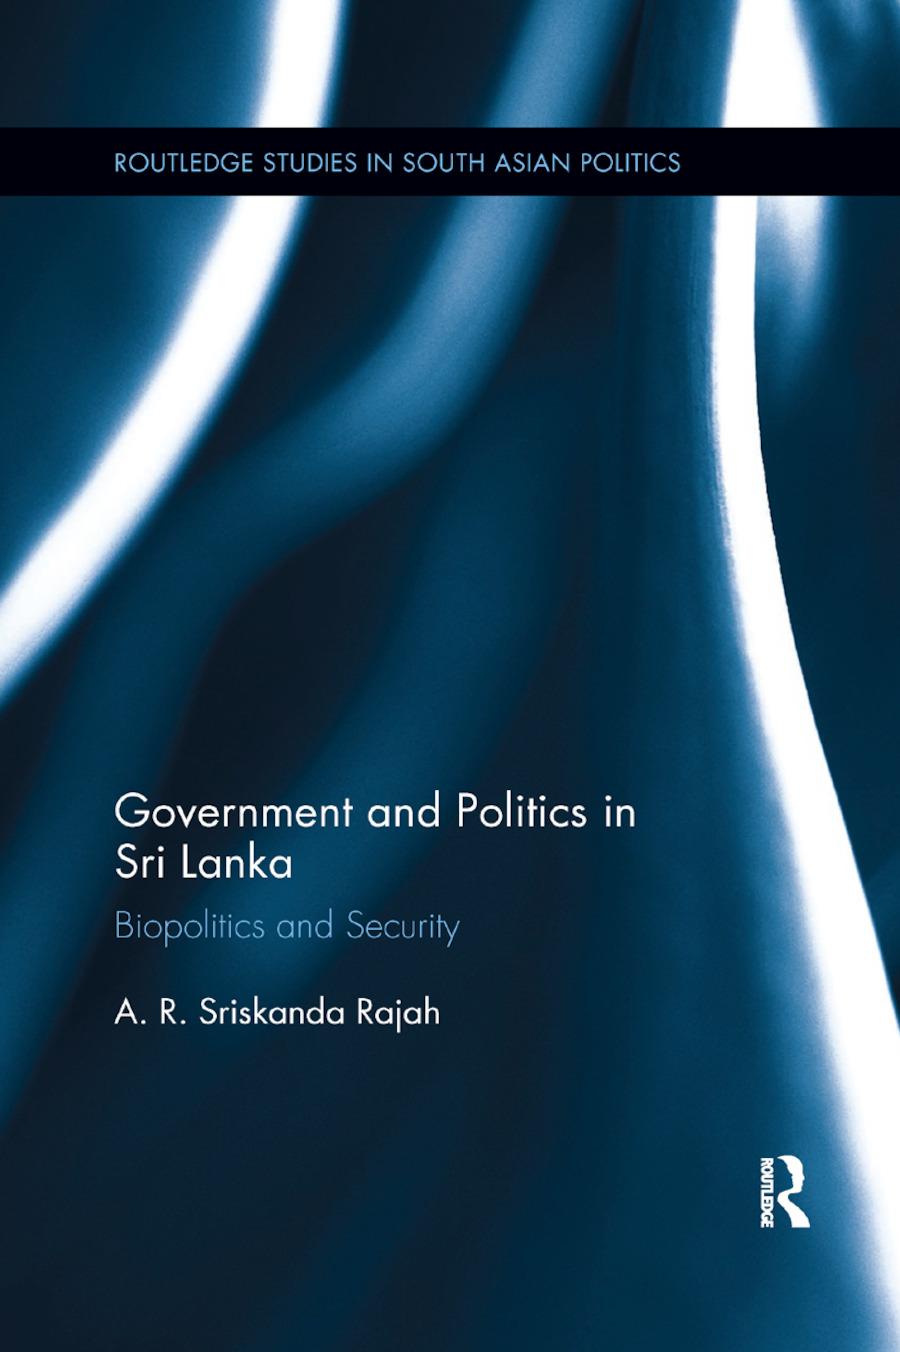 Government and Politics in Sri Lanka: Biopolitics and Security book cover